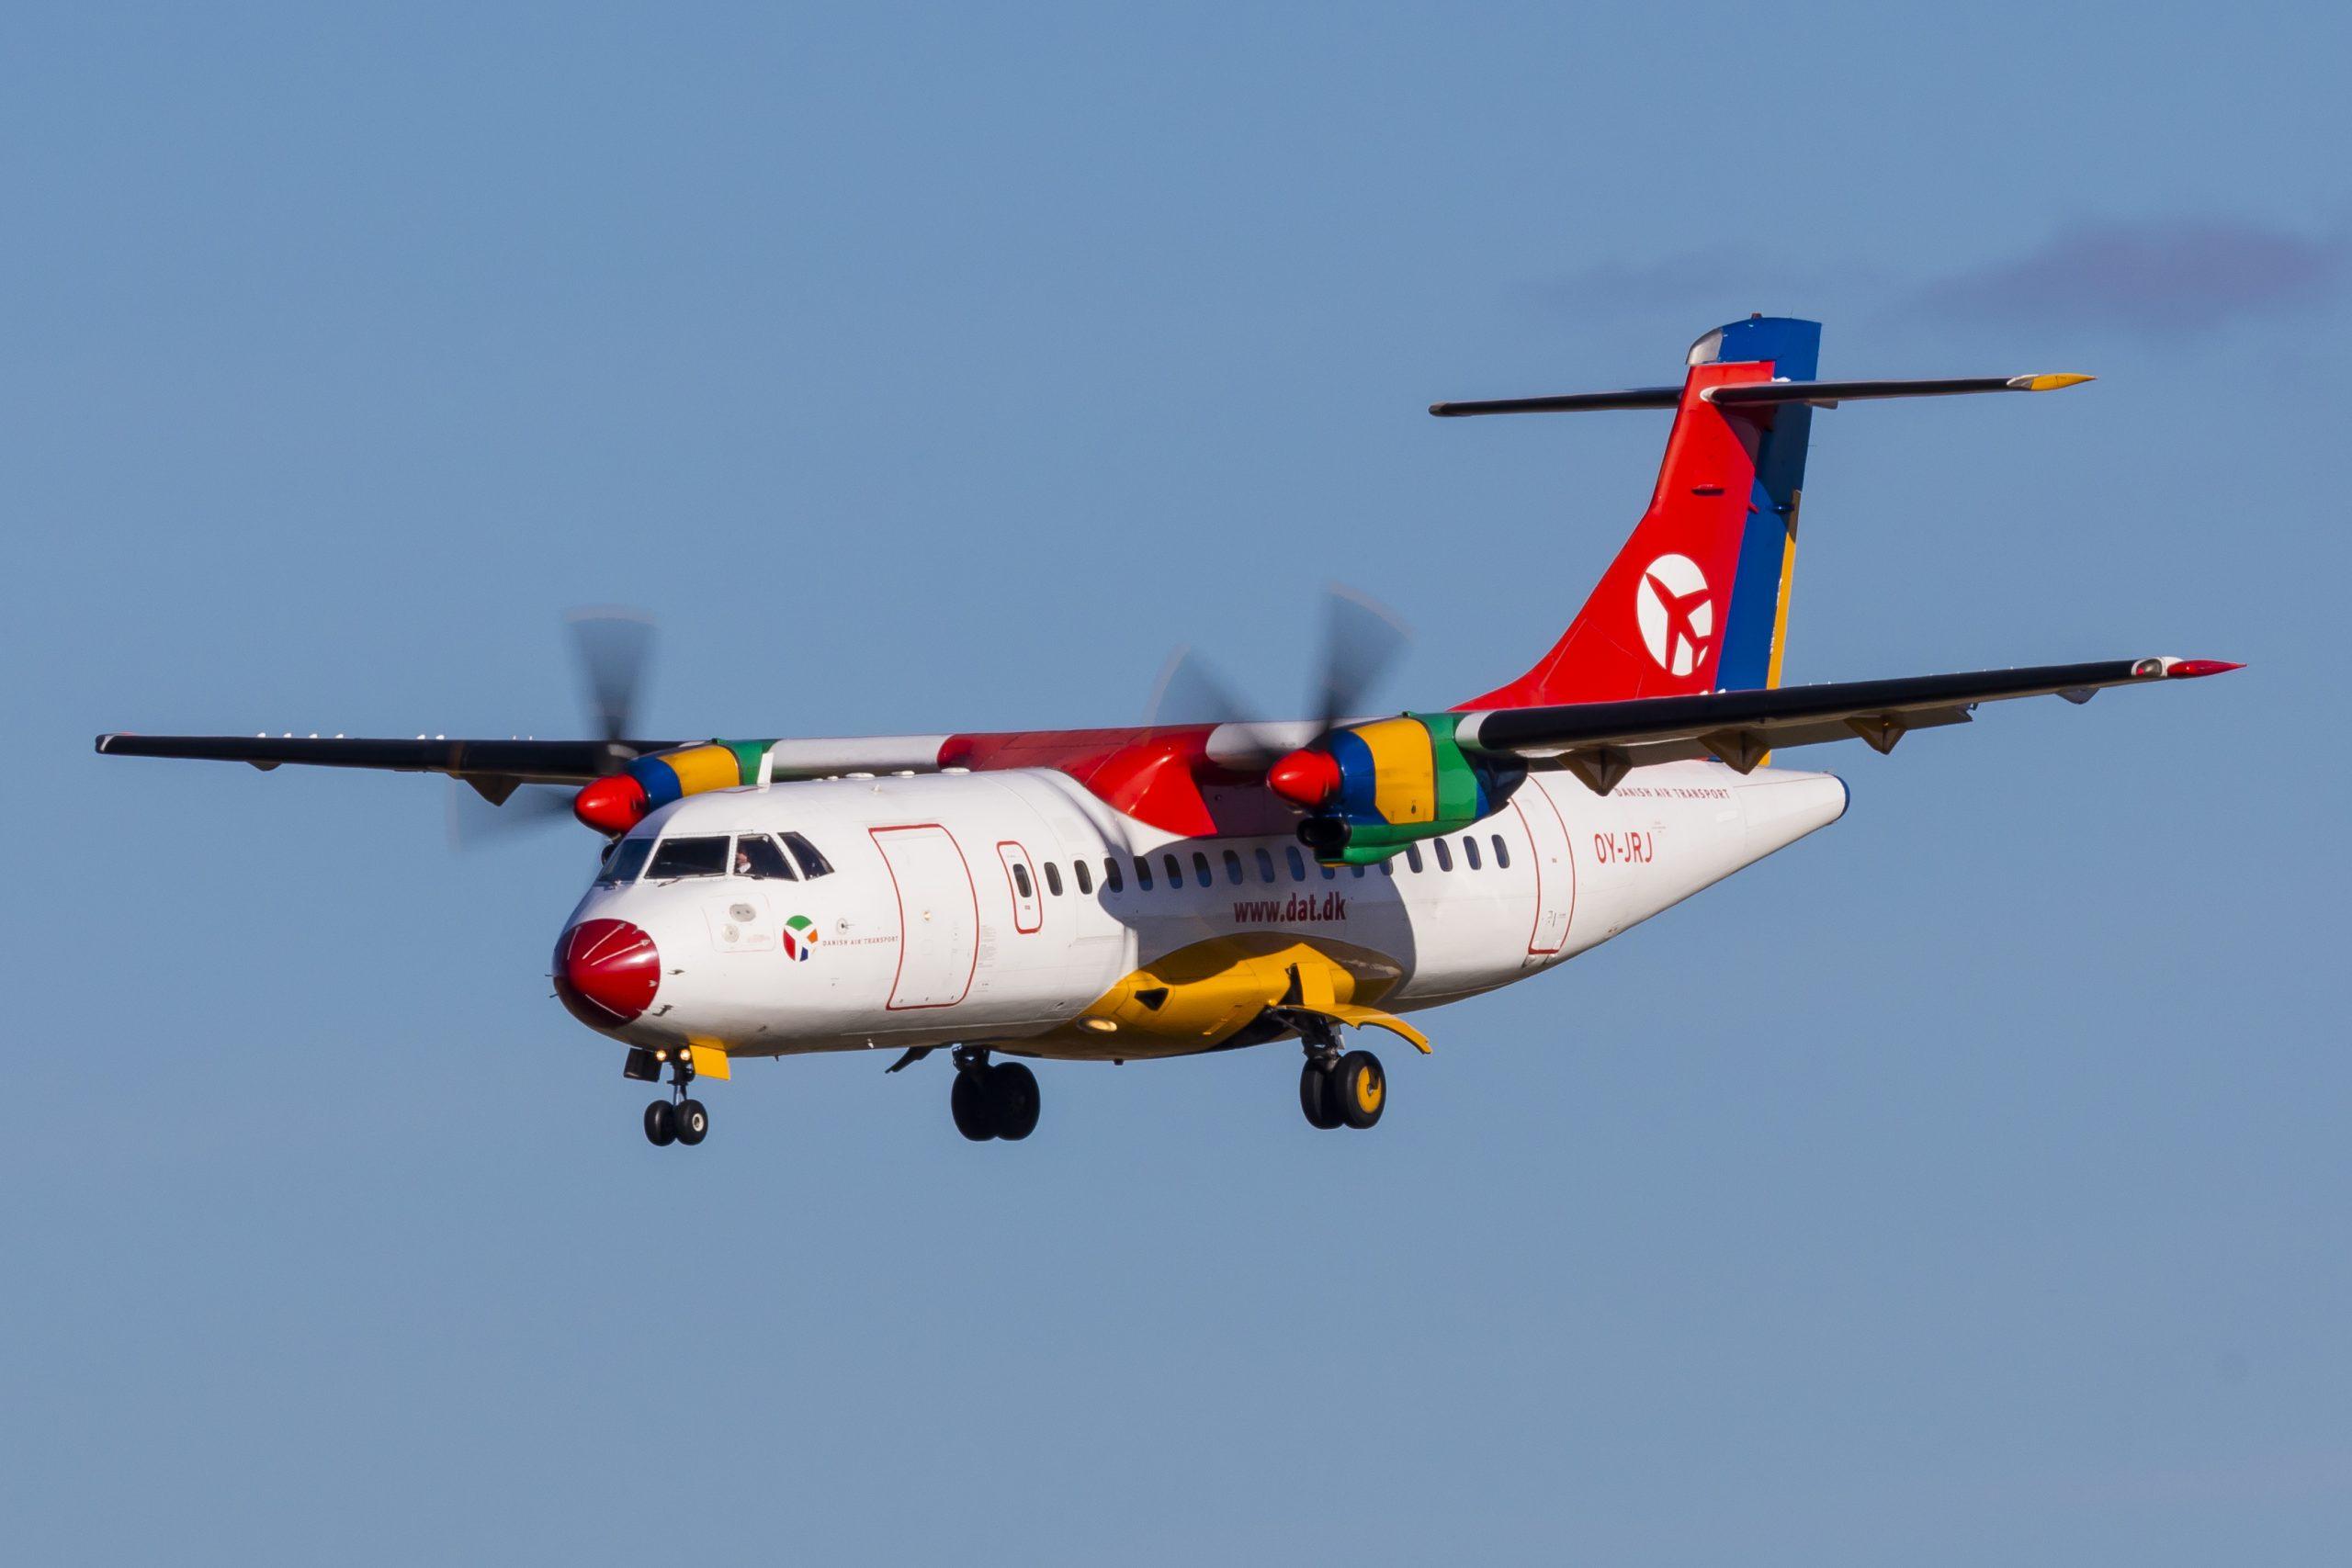 En ATR 42-300 fra DAT. Foto: © Thorbjørn Brunander Sund, Danish Aviation Photo